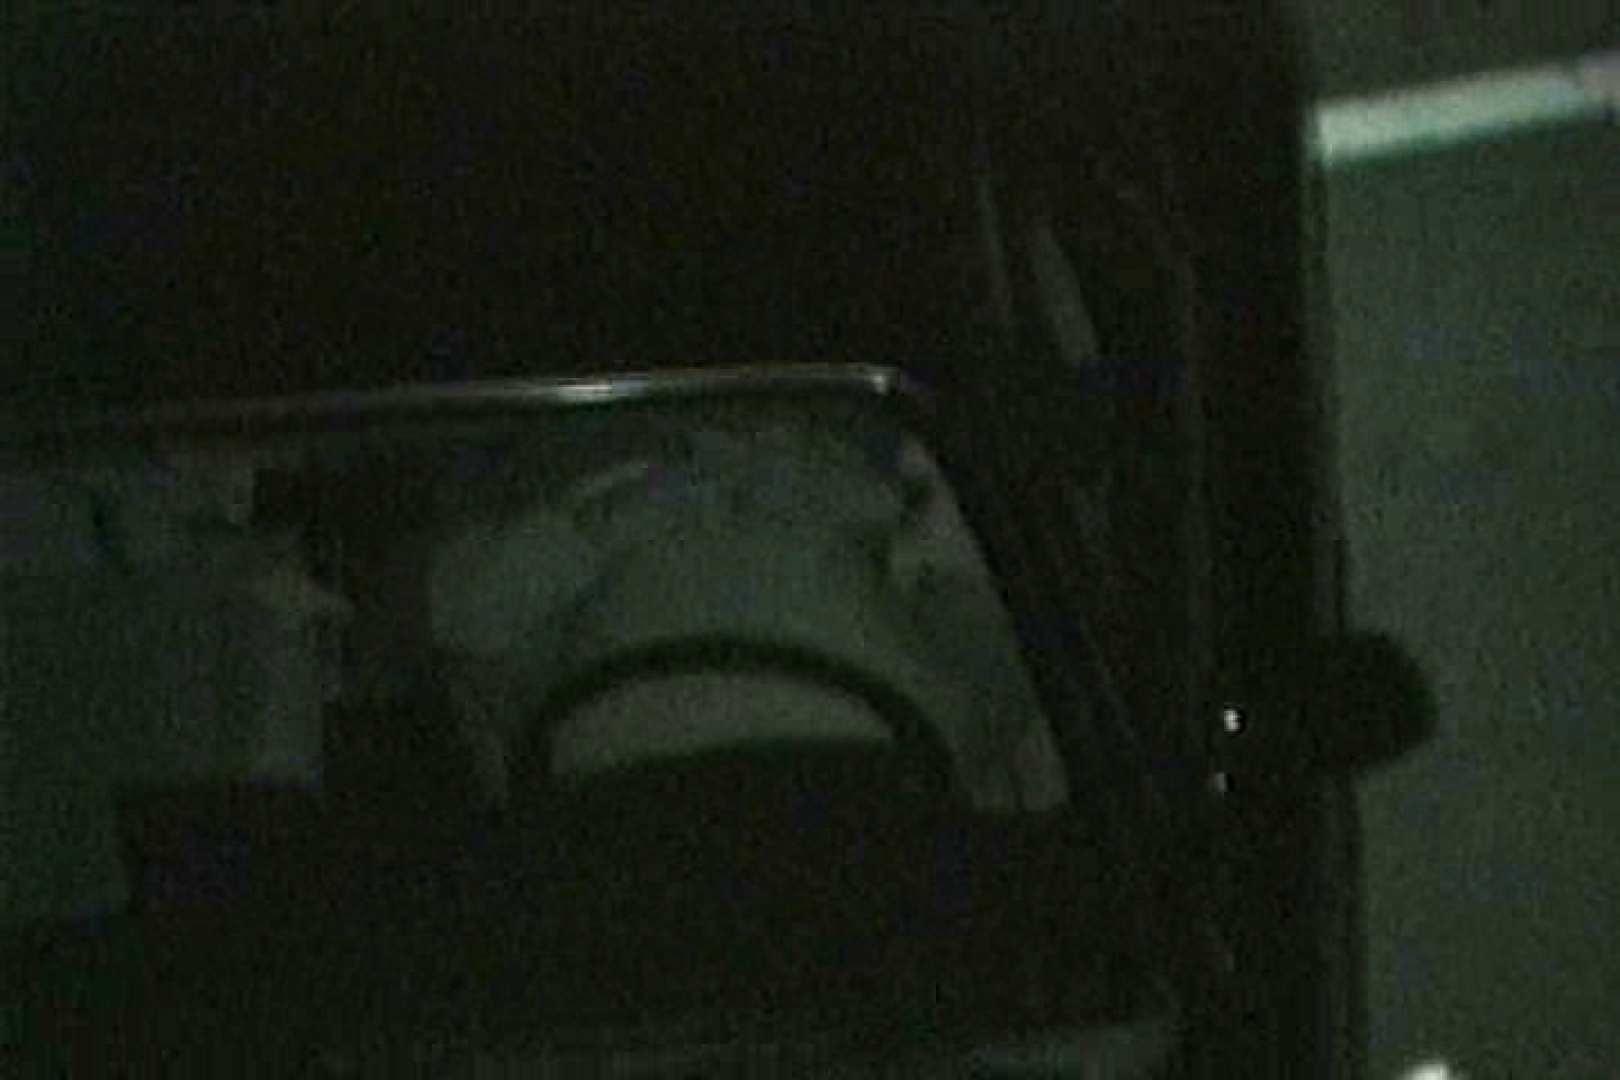 車の中はラブホテル 無修正版  Vol.8 カーセックス エロ画像 108PICs 79